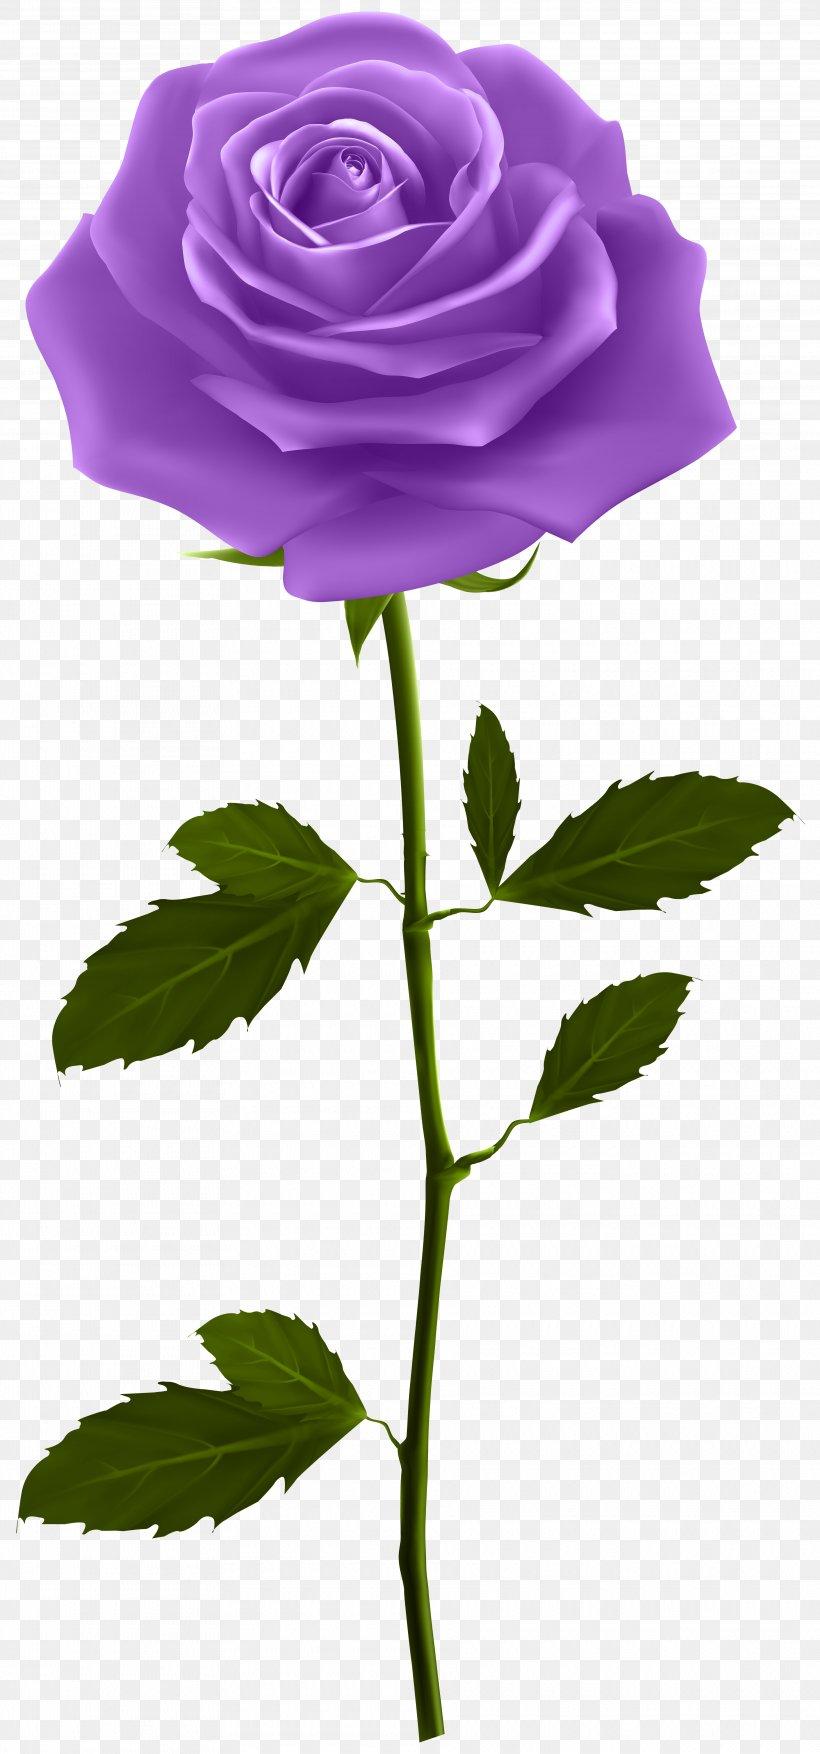 Rose Clip Art, PNG, 3740x8000px, Rose, Blue Rose, Flora, Flower, Flowering Plant Download Free